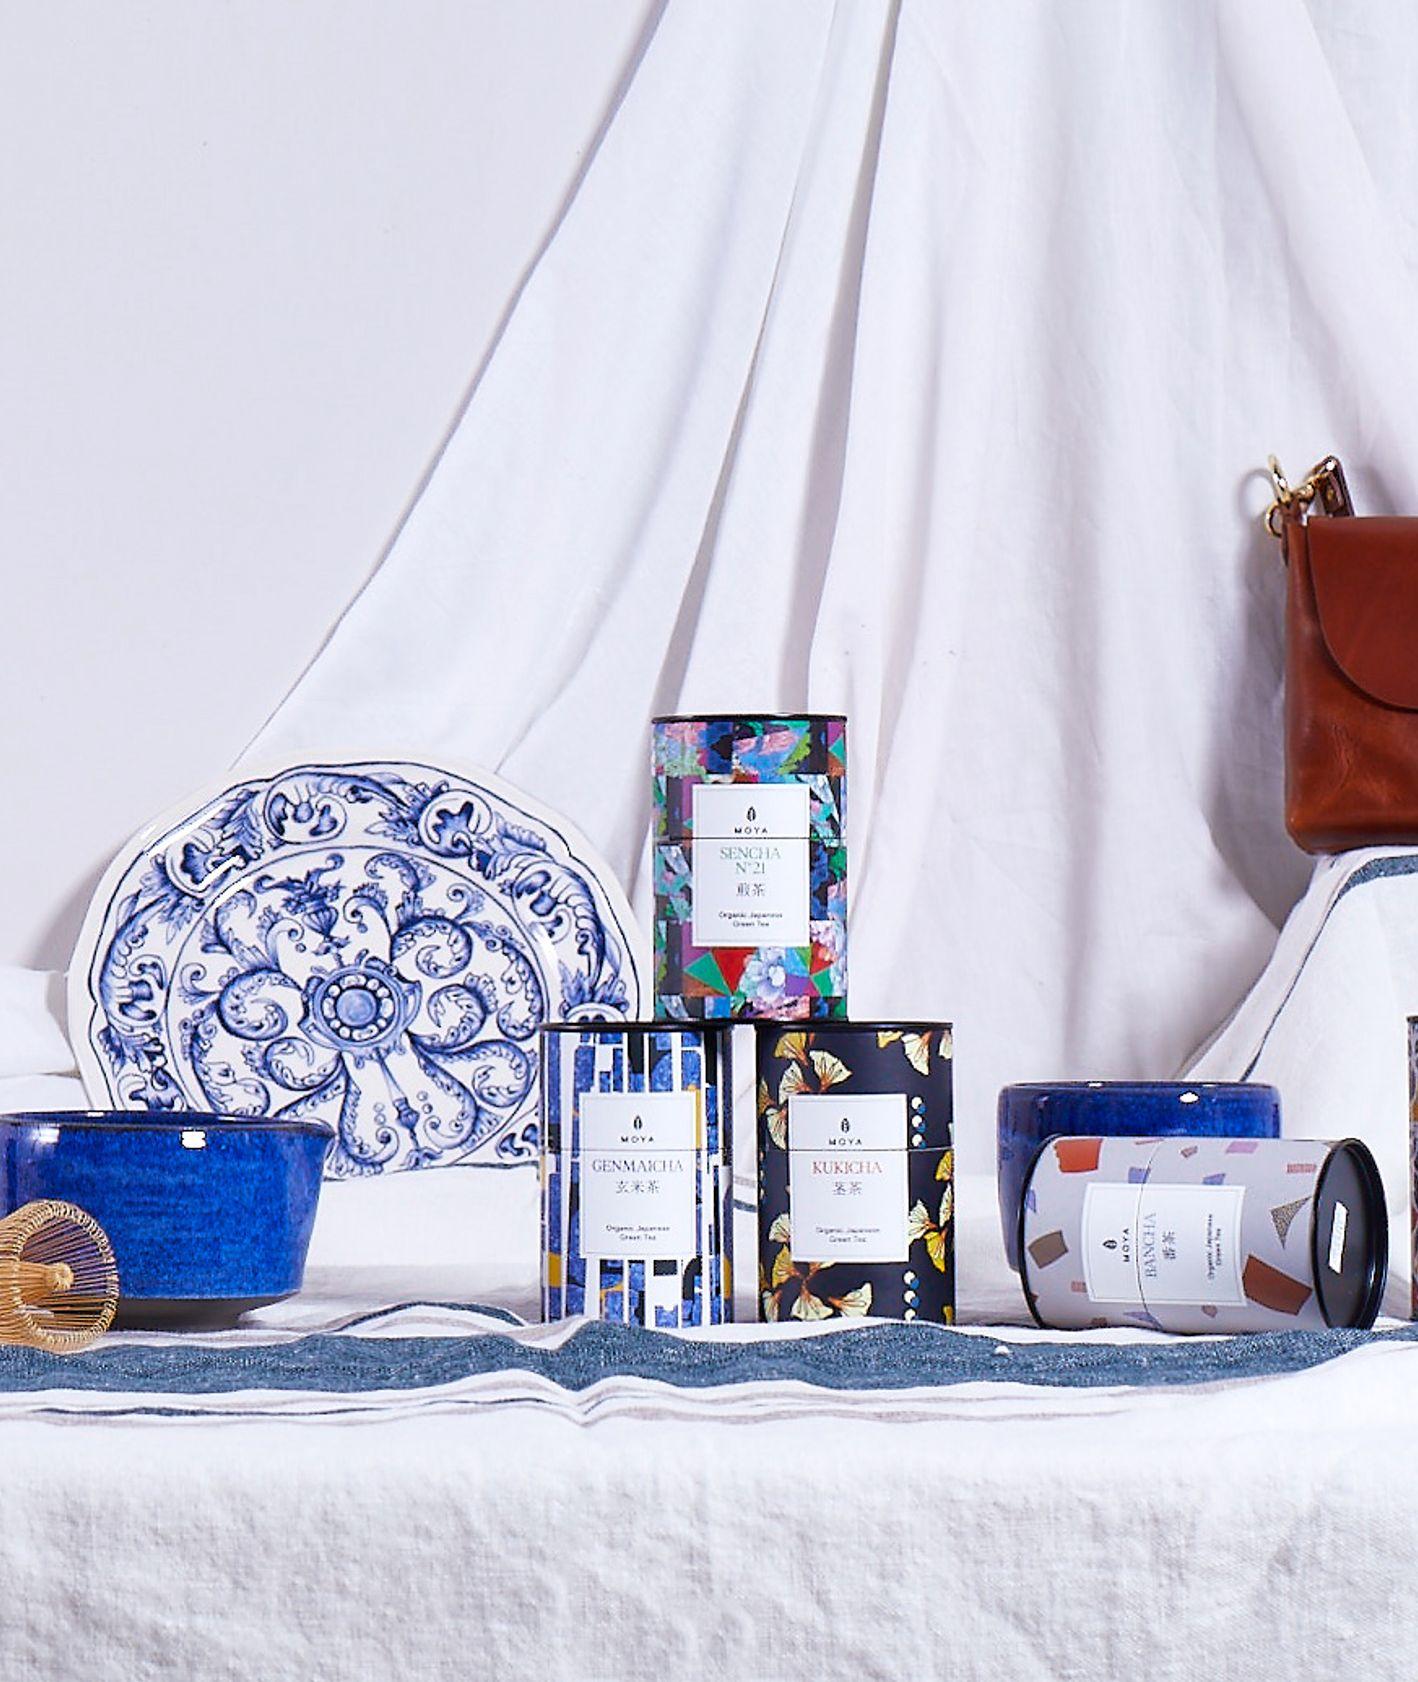 Wygrani w kategorii Z warsztatu w konkursie KUKBUK Poleca, od lewej Moya Matcha, Ceramika Nakomiady, skórzane przedmioty John & Mary